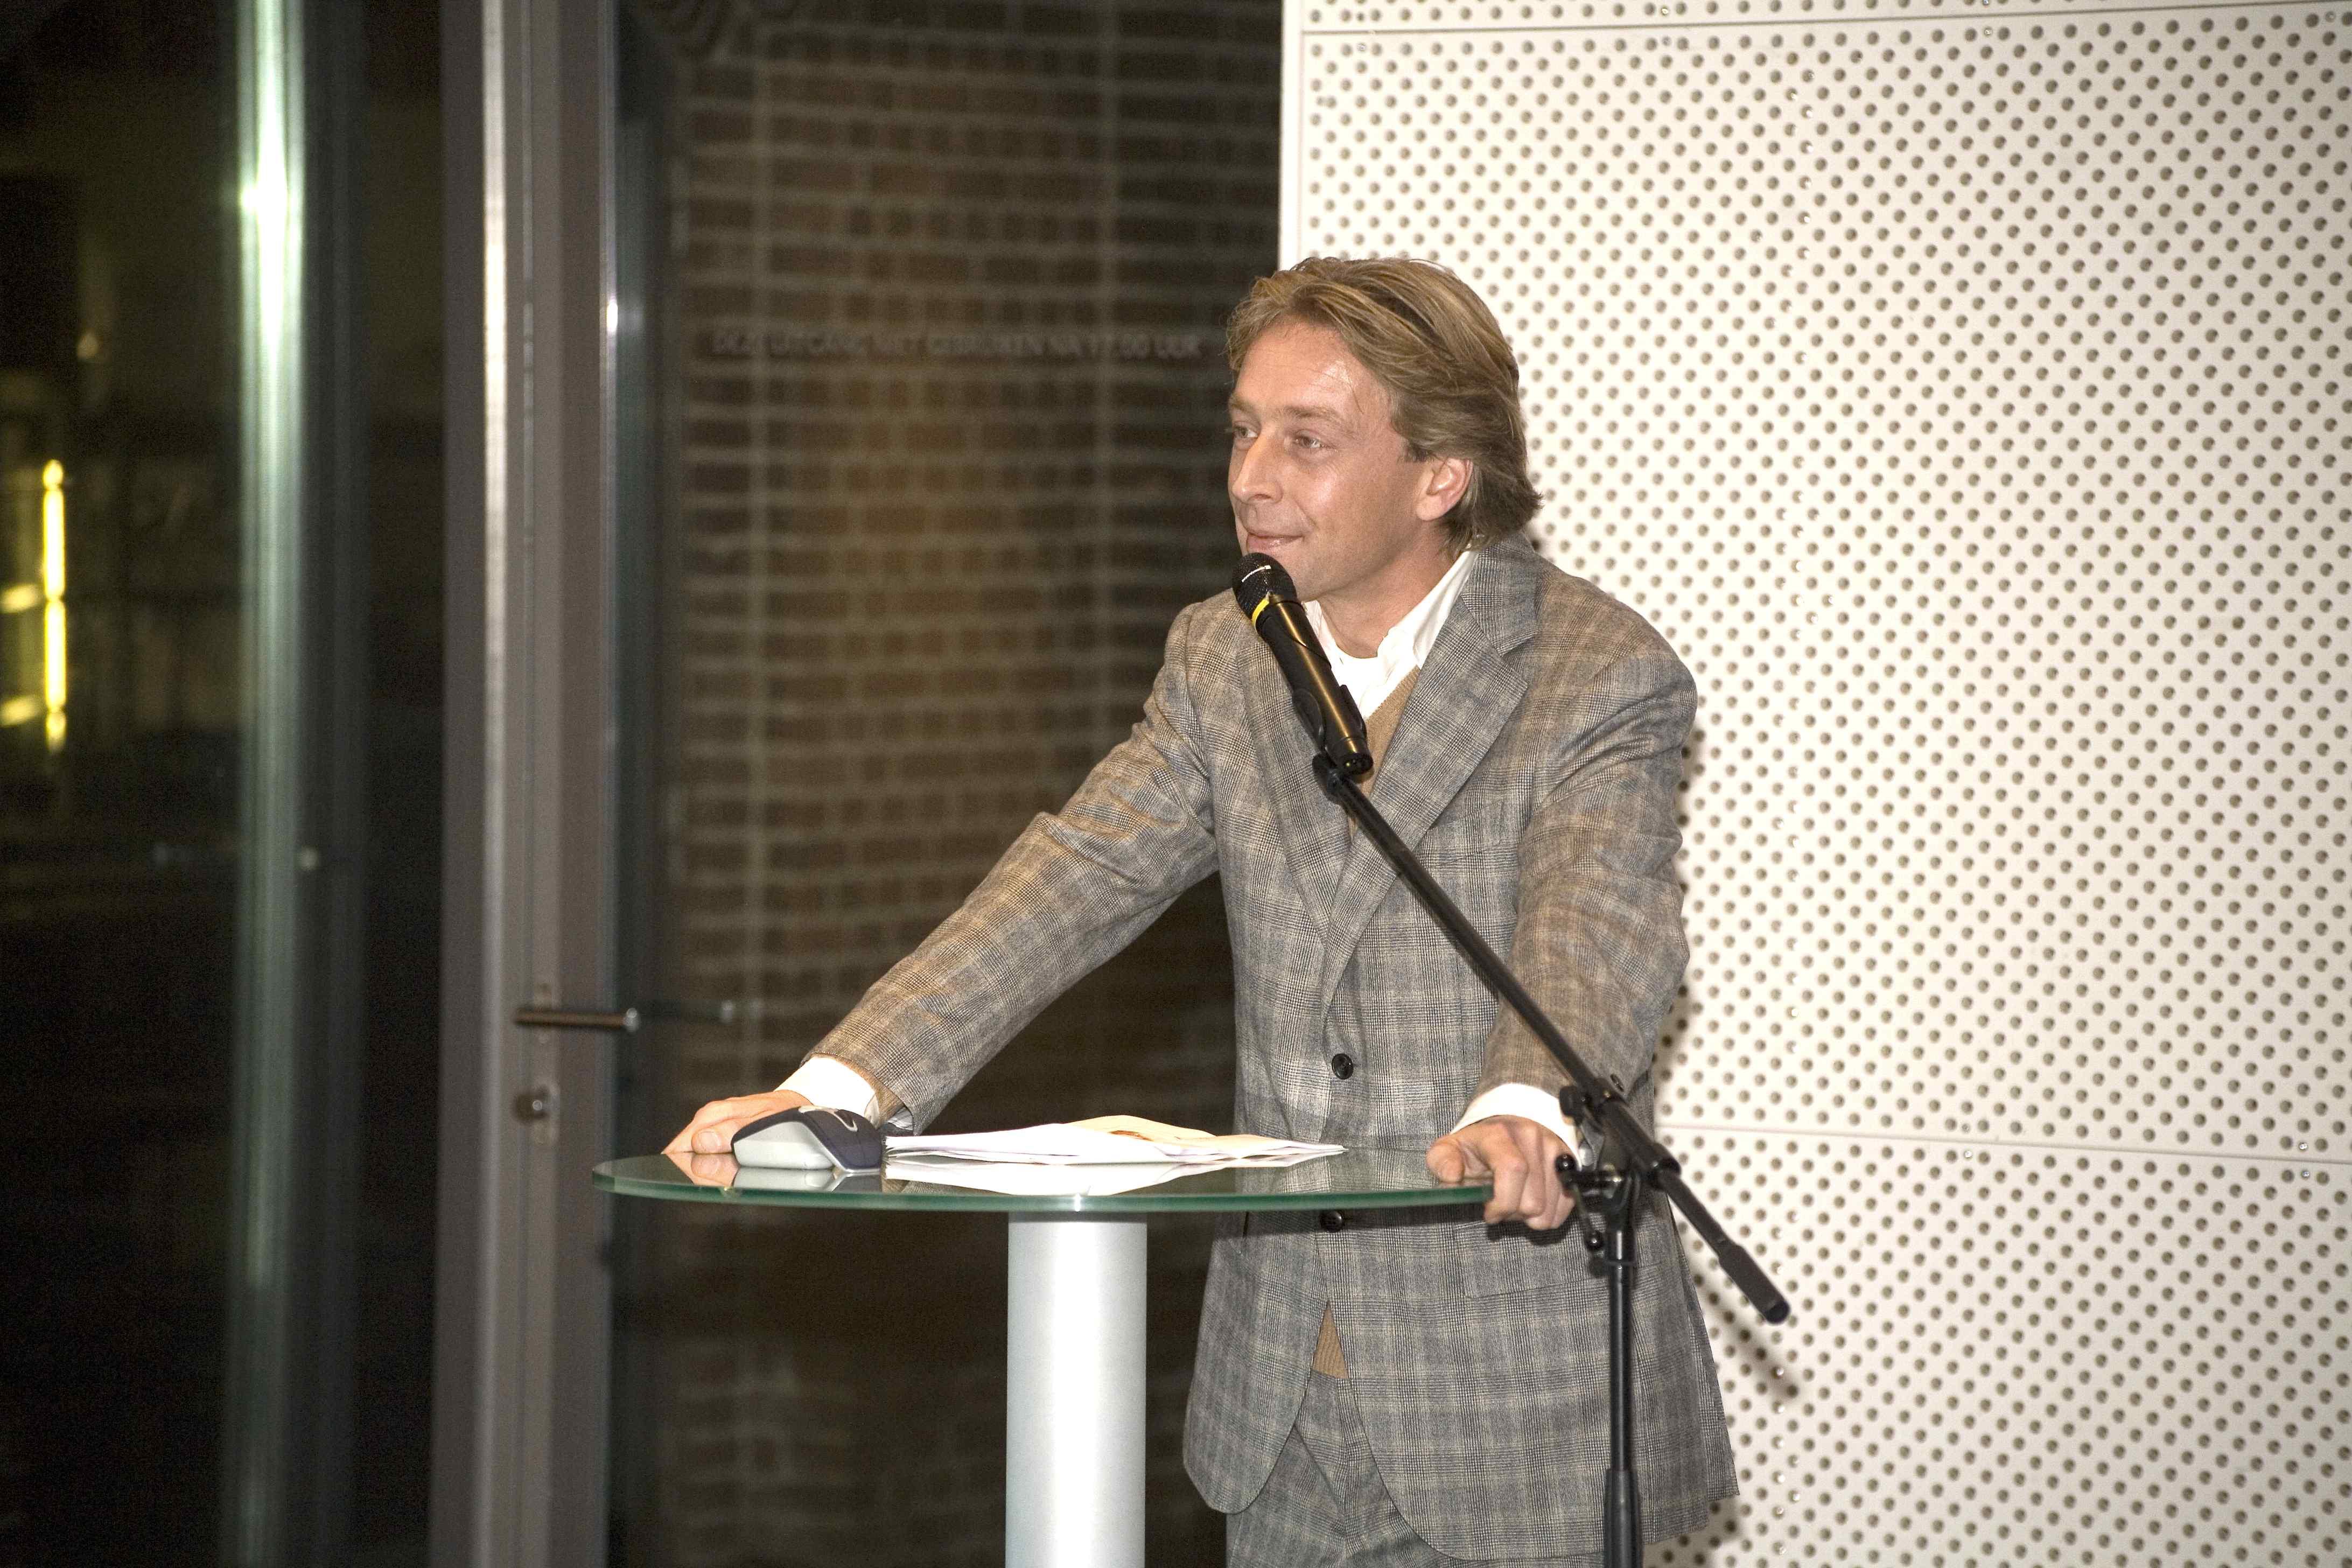 Jan Peter Jansen